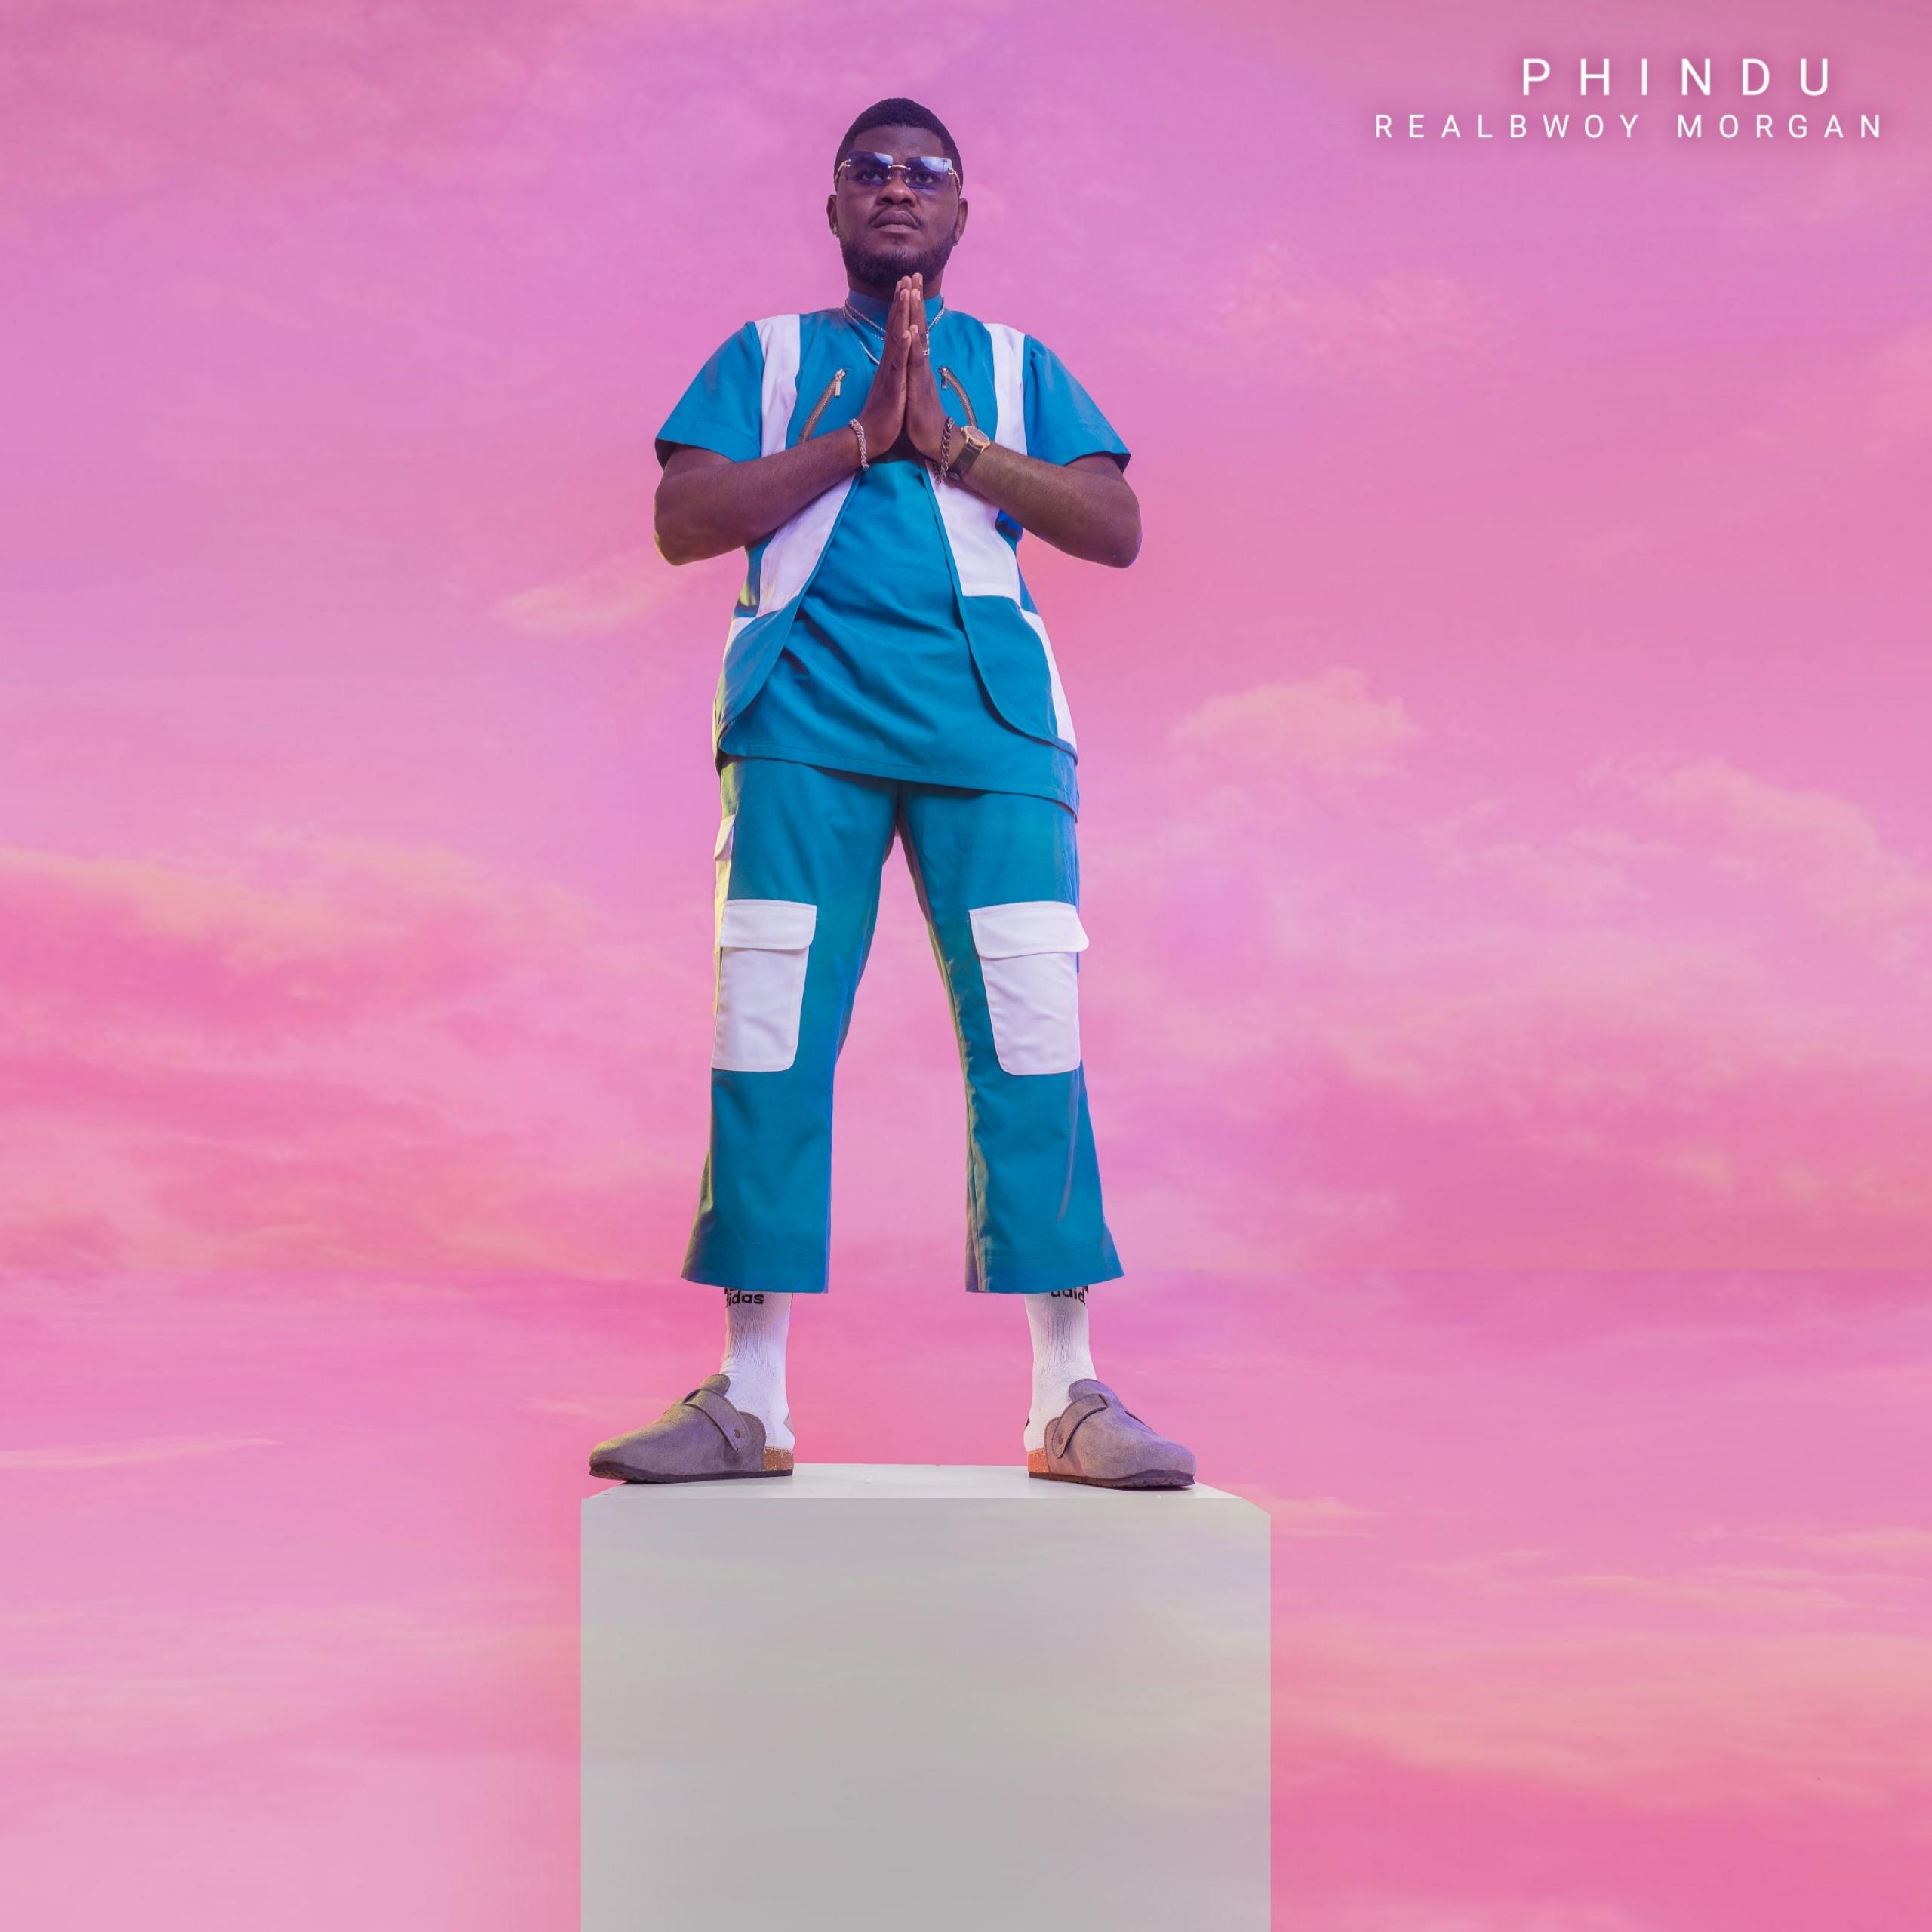 RealBwoy Morgan - Phindu [Prod. By DJDro]